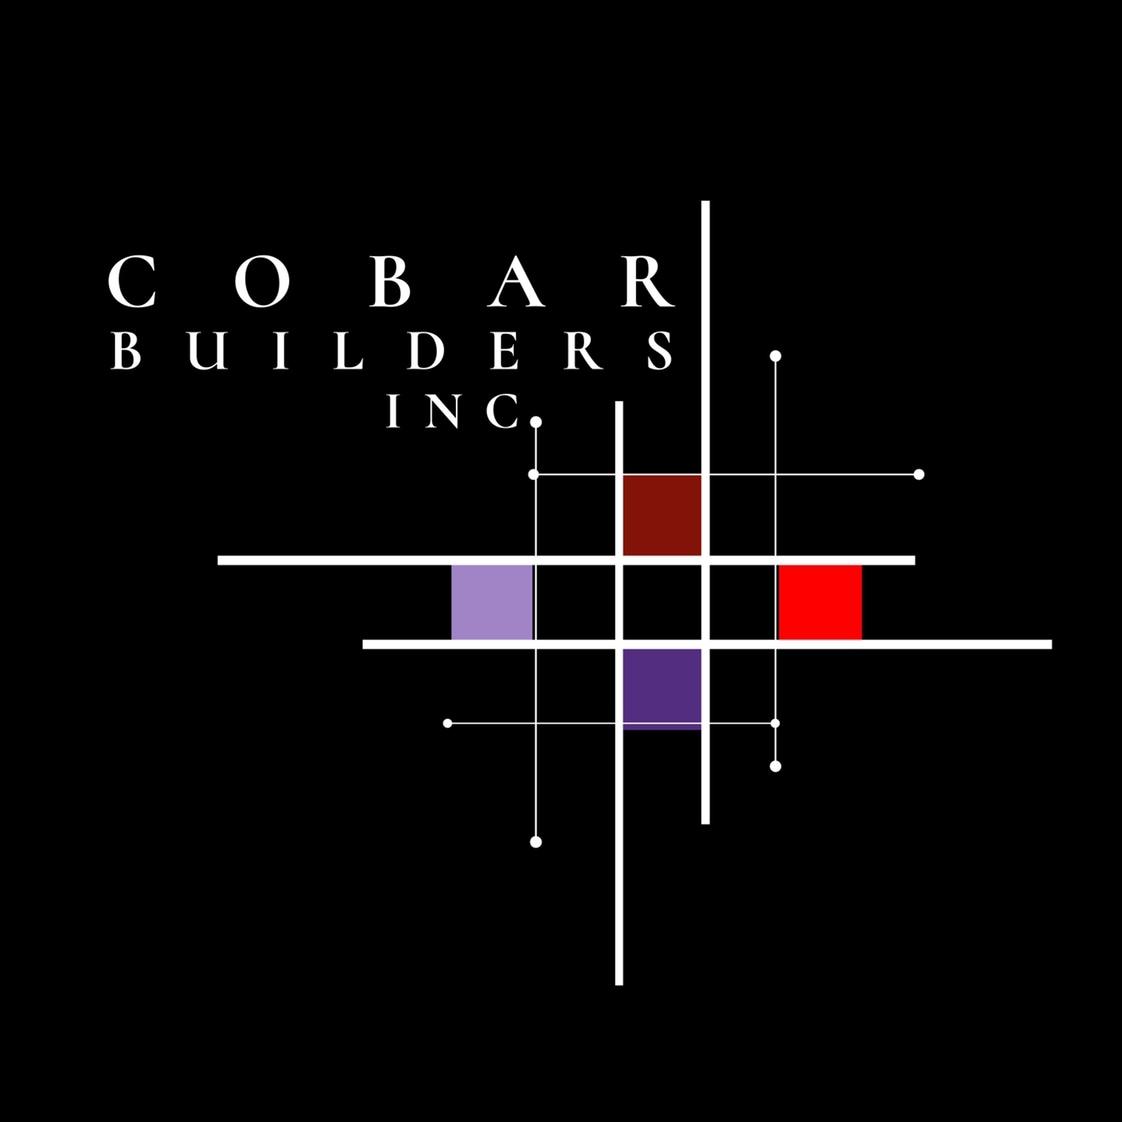 Cobar Builders Inc. logo